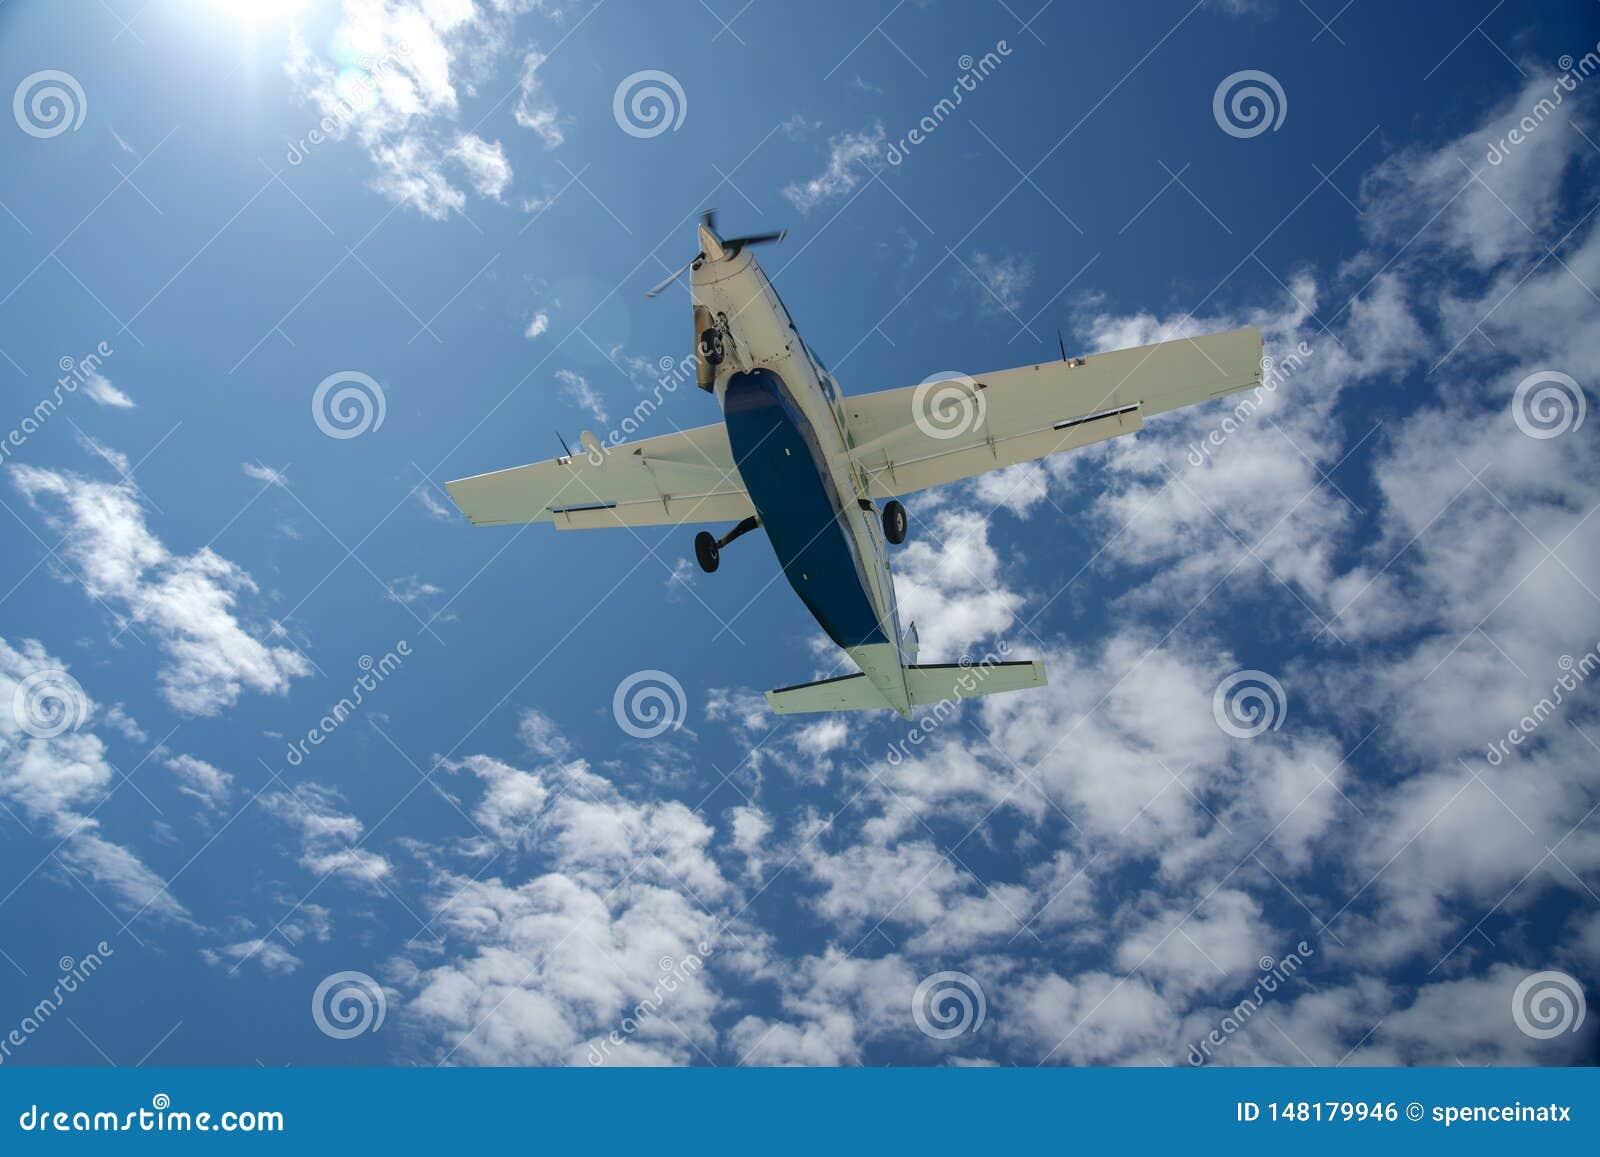 Nivå i himlen som in kommer för en landning